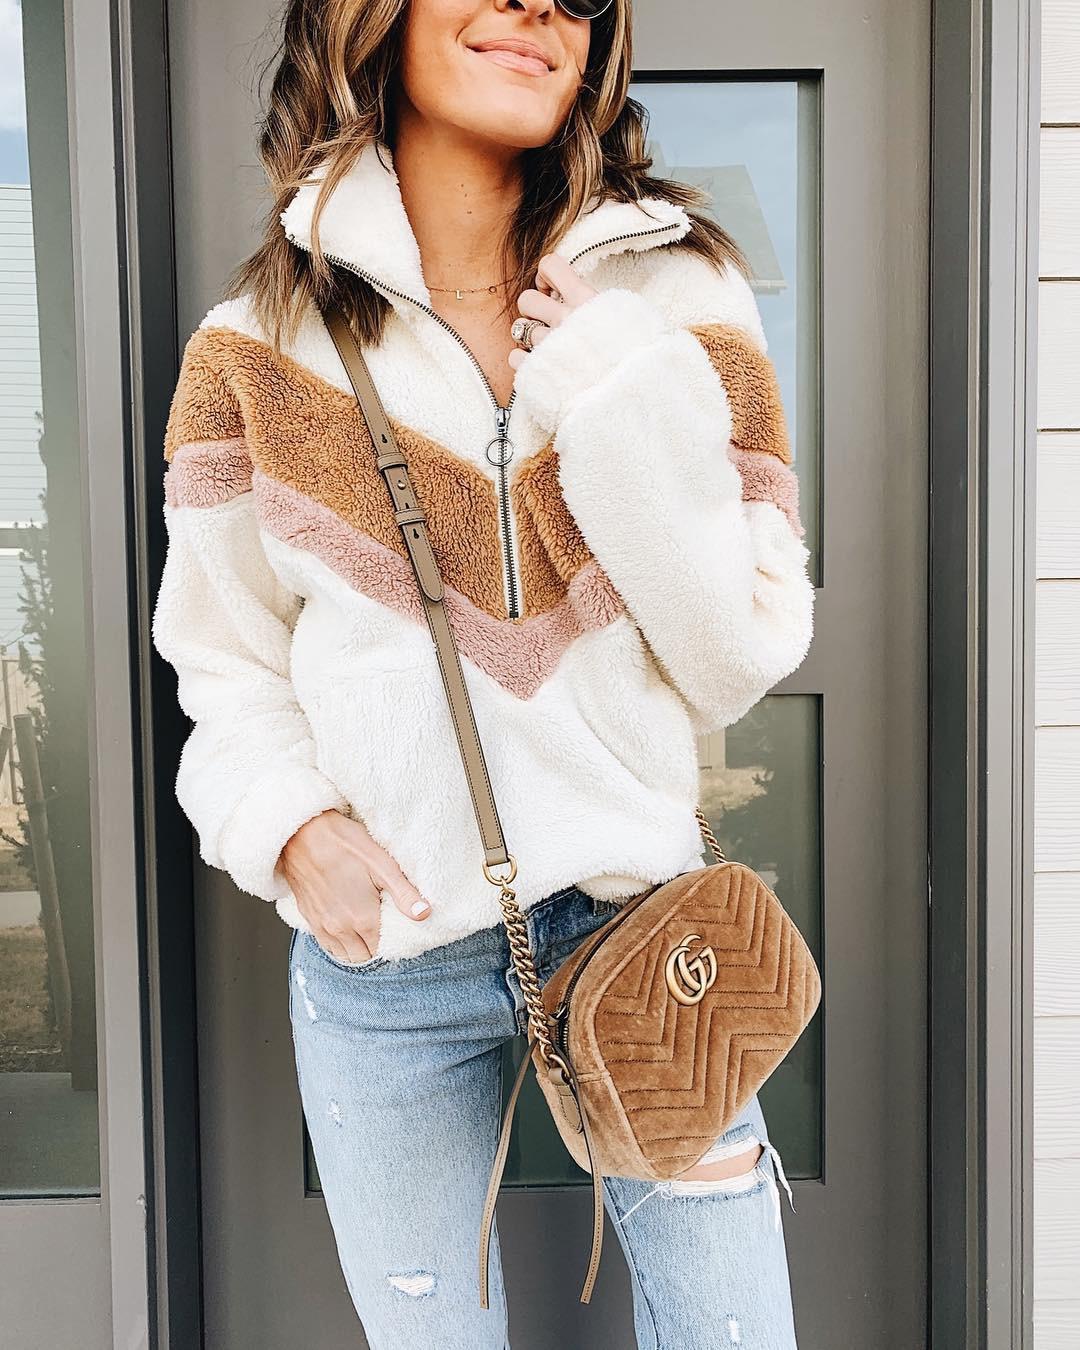 Hdbe217d9d92441d39fbbe4fb83494907v New Style Women Warm Teddy Bear Fleece Pullover Coat Zip Outwear Overcoat Long Sleeve Jumper Top Pullover Winter Warm Soft Coat